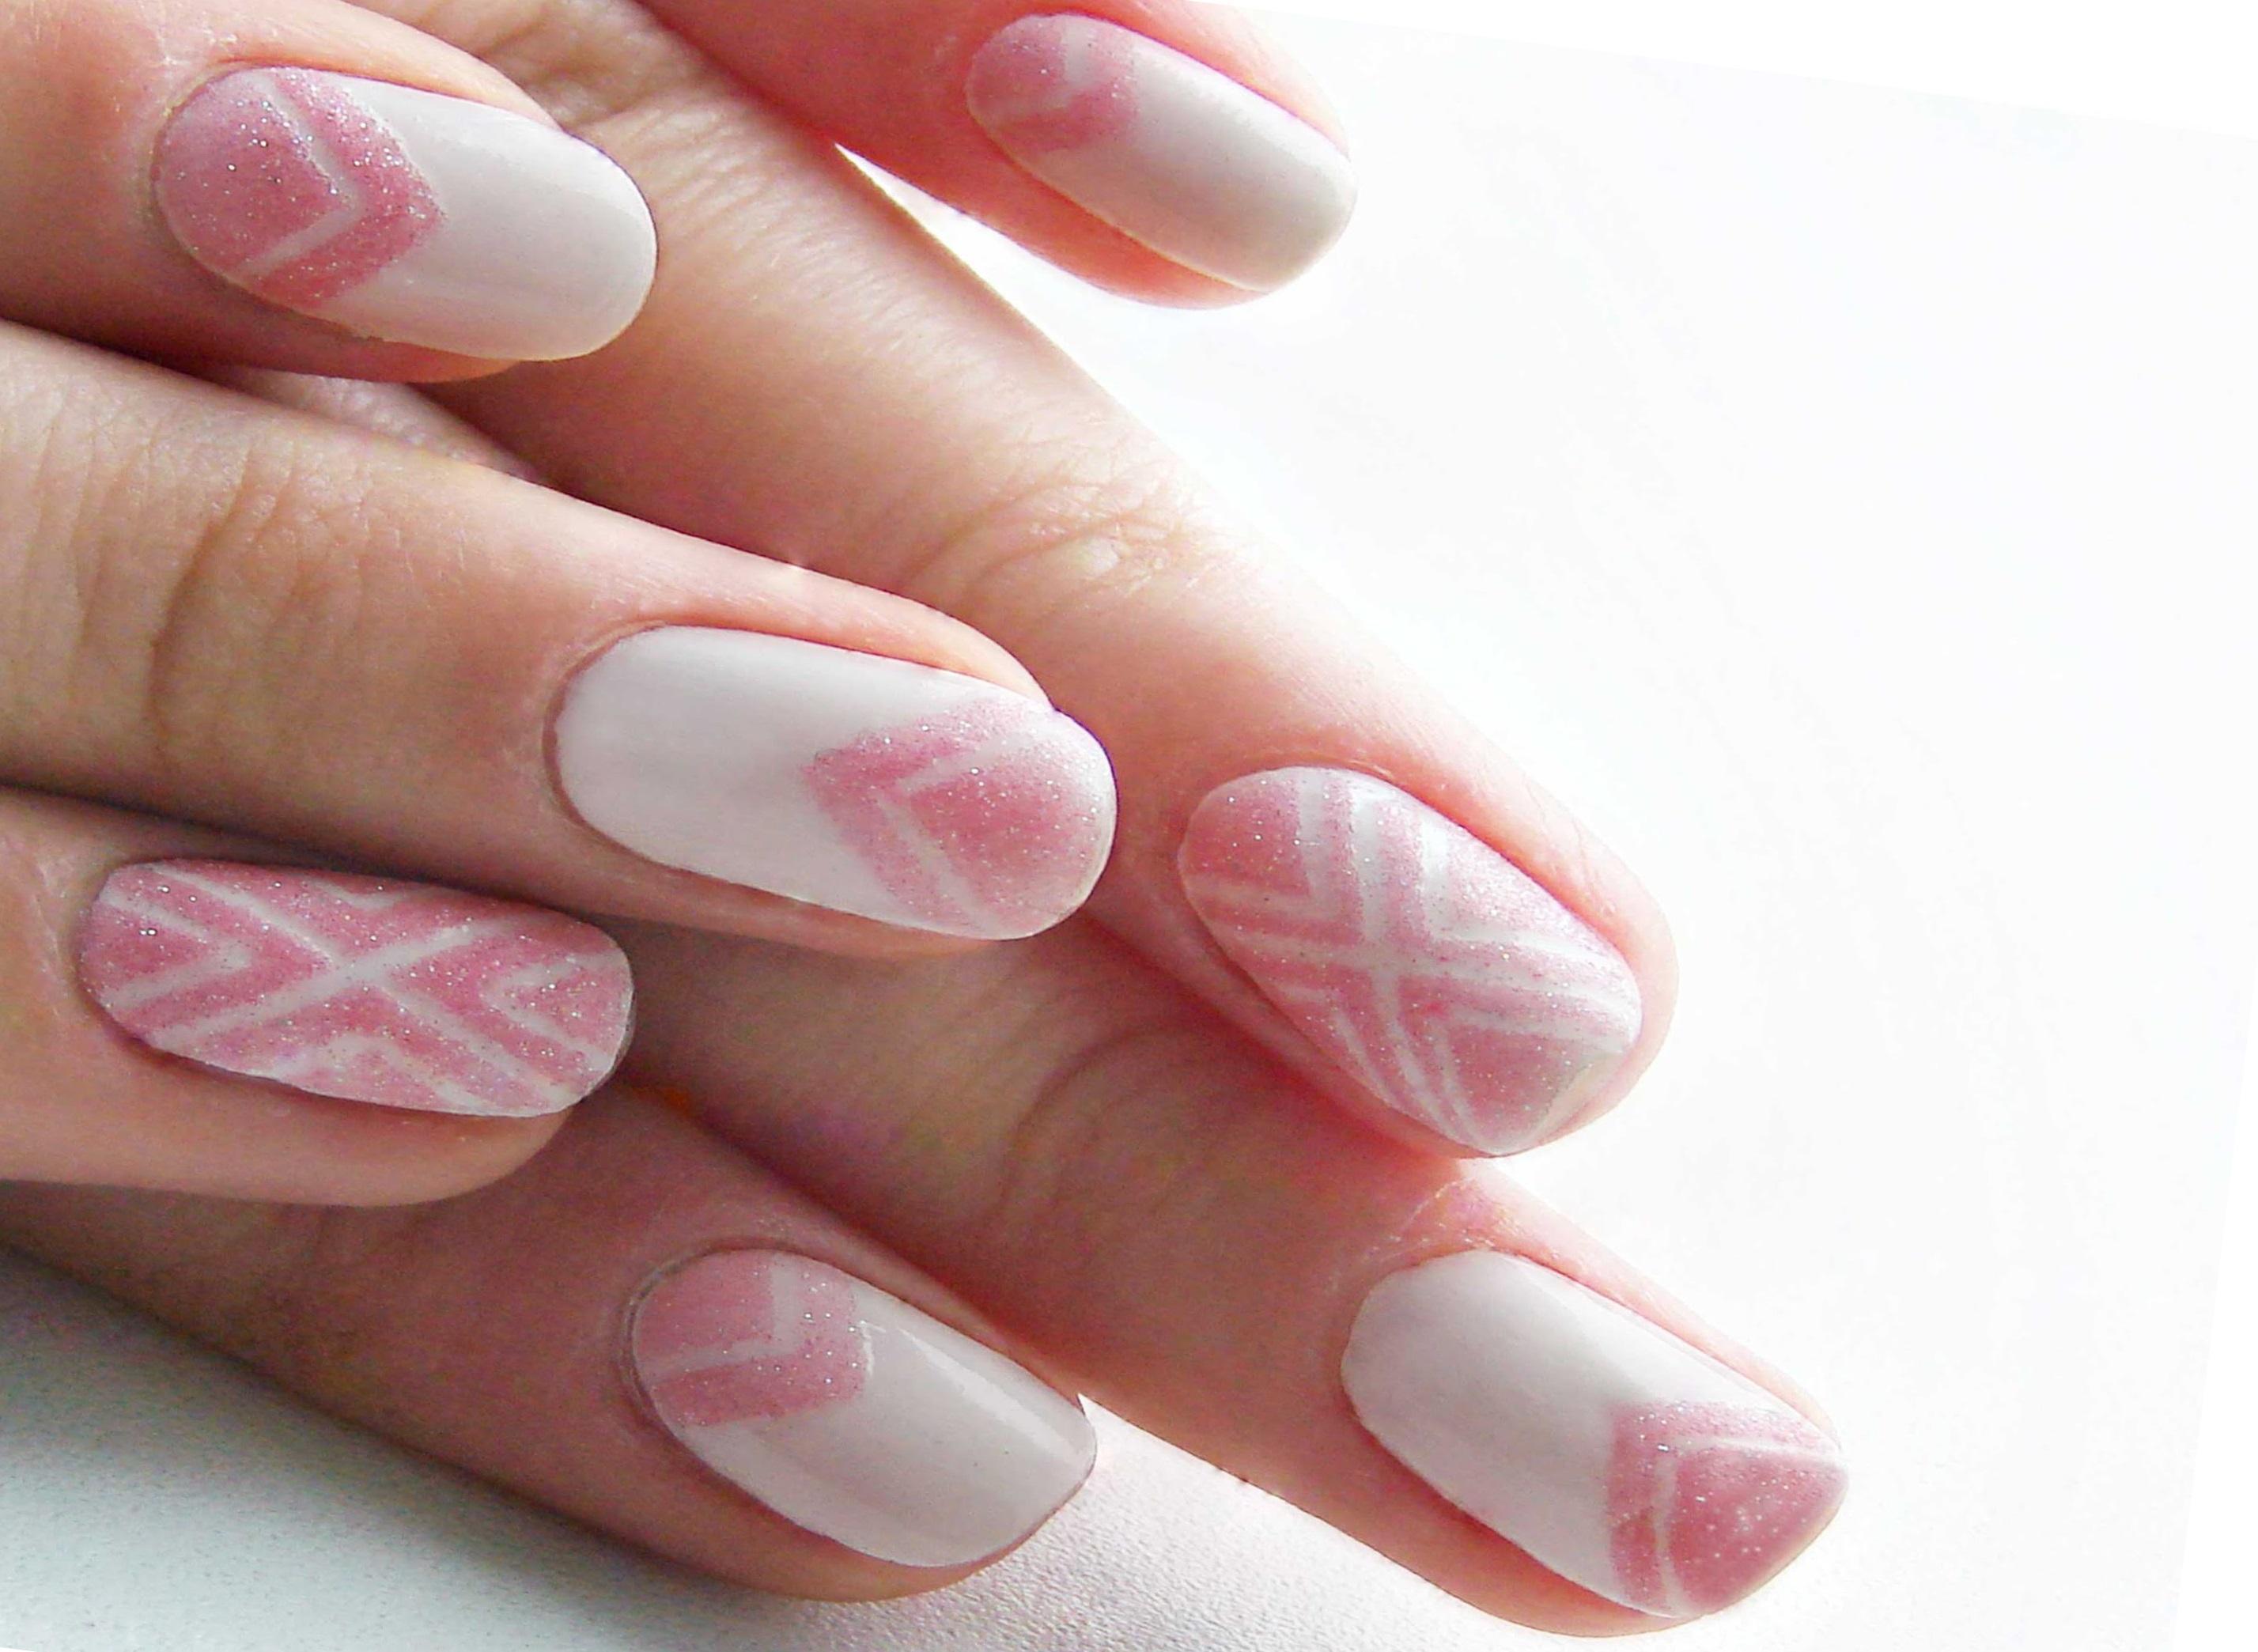 Розовый сахарный маникюр на белом фоне